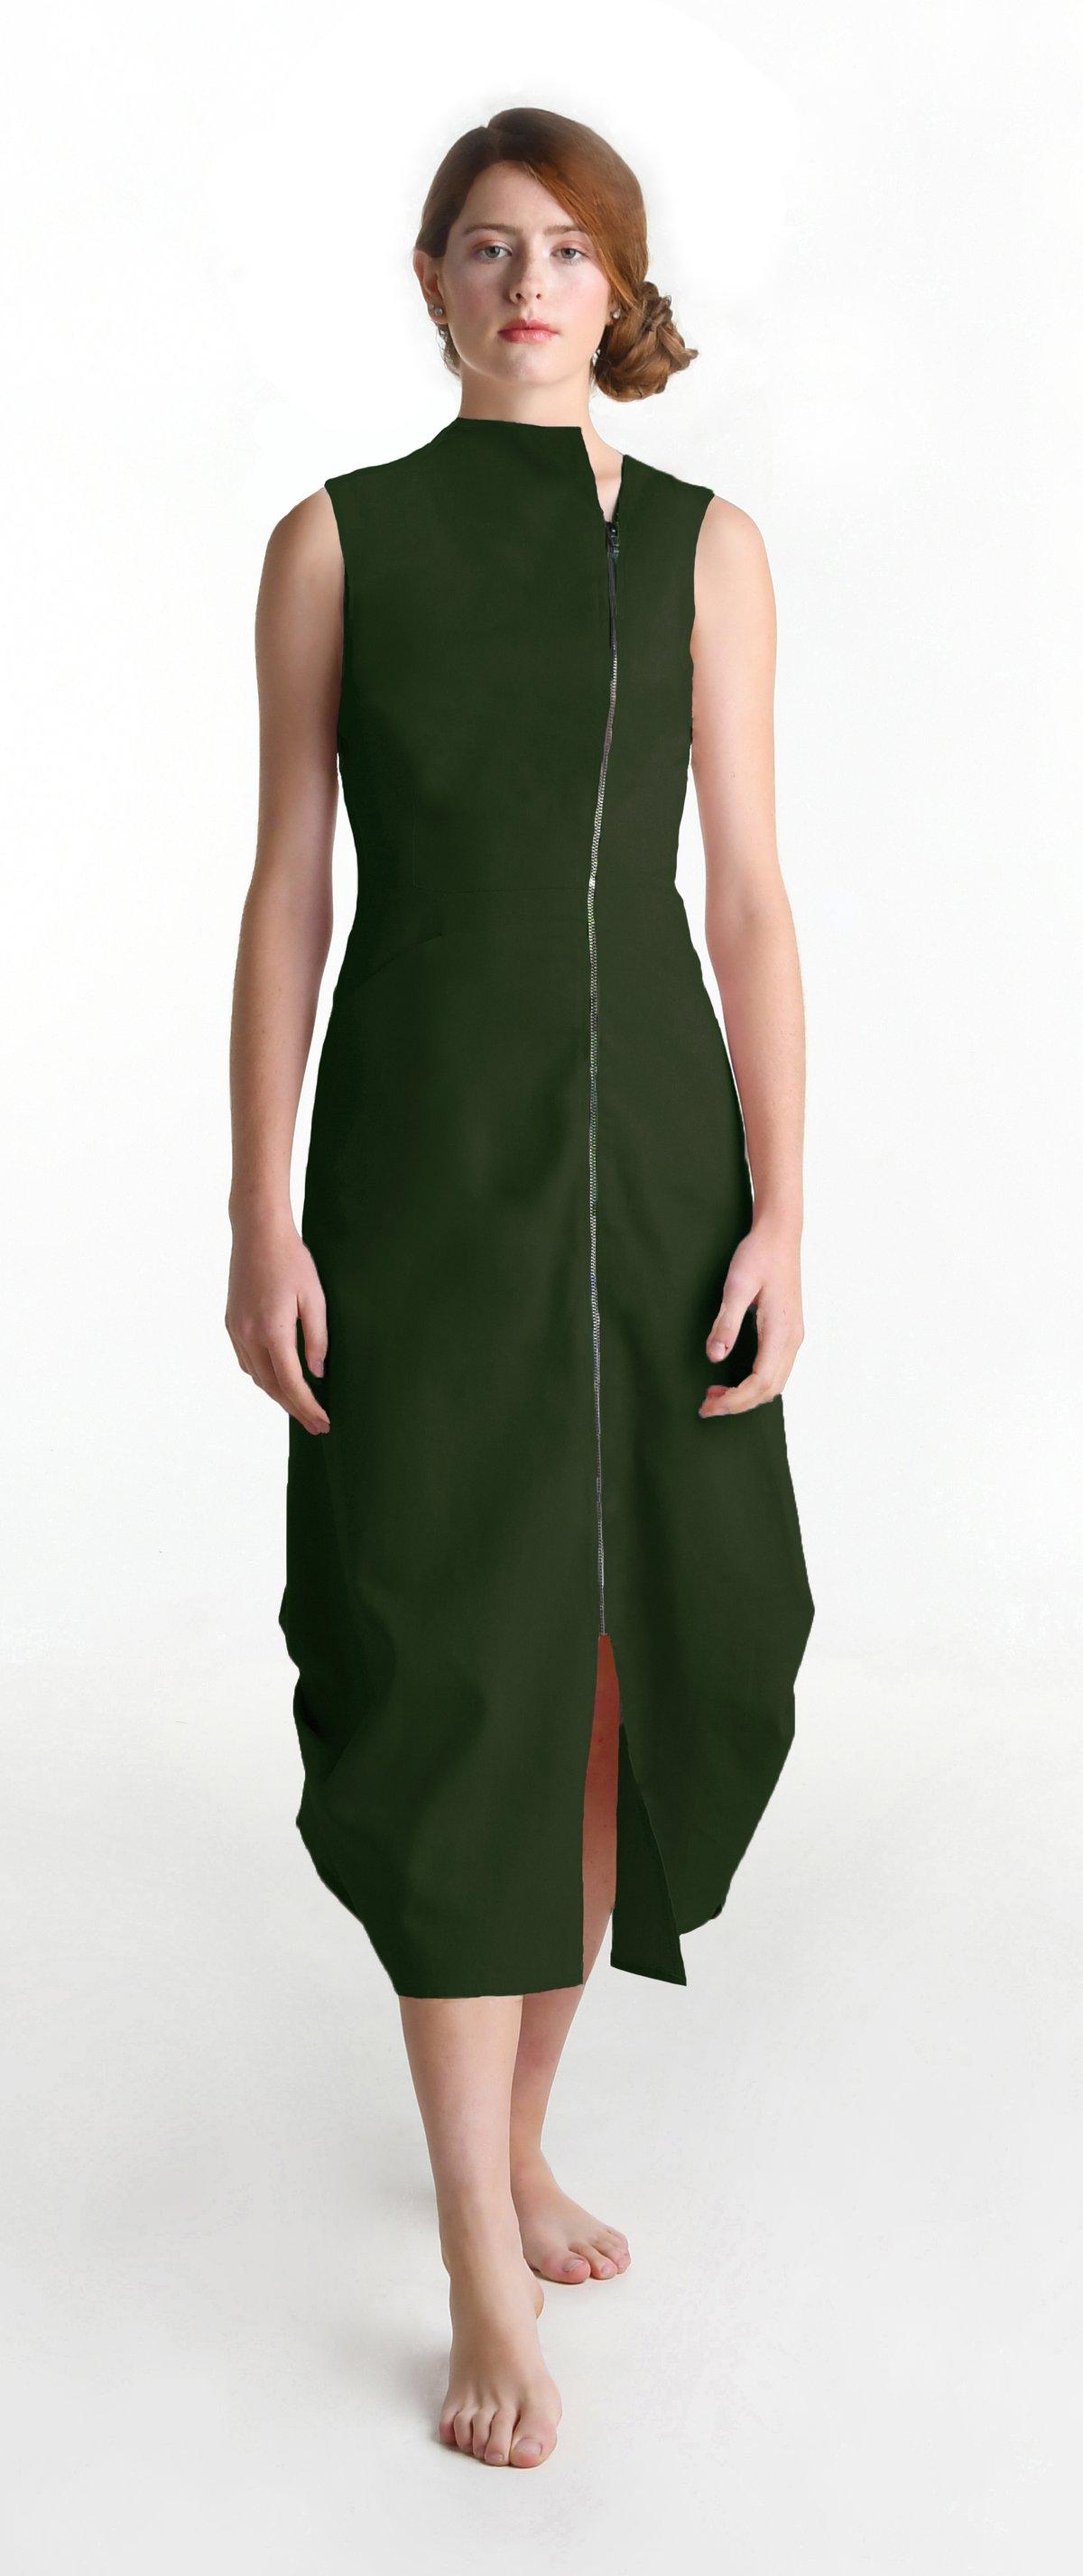 Image of Leanna maxi olive